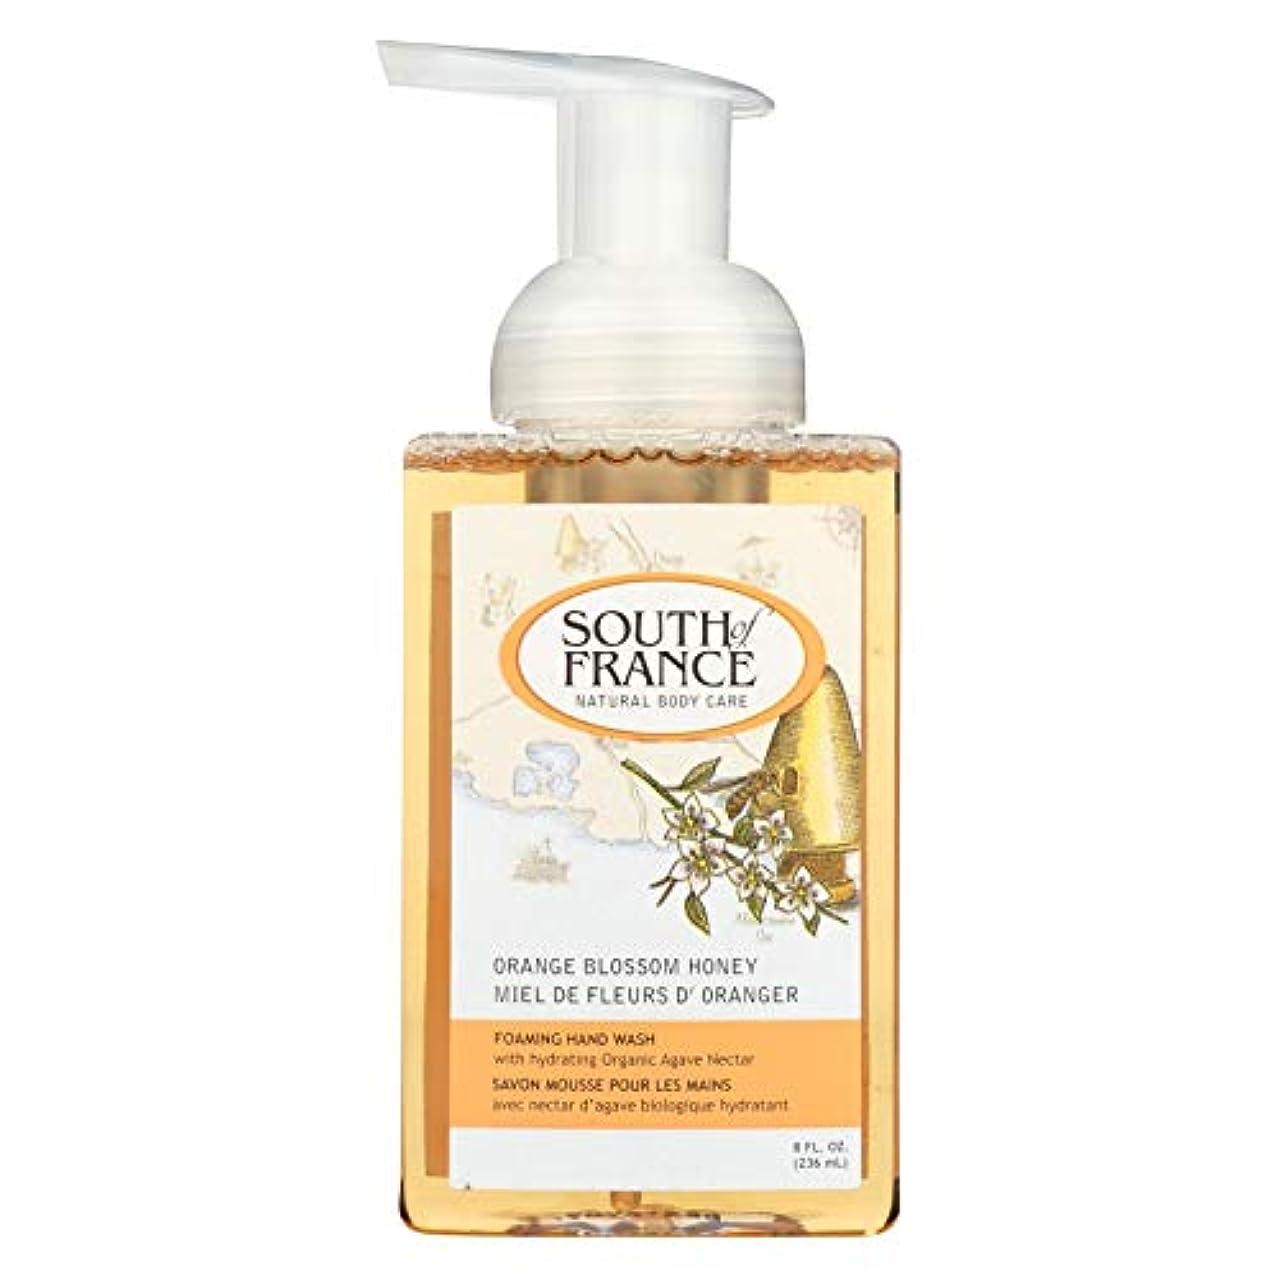 グラス共和党オークランドHand Soap - Foaming - Orange Blossom Honey - 8 oz - 1 each by South Of France